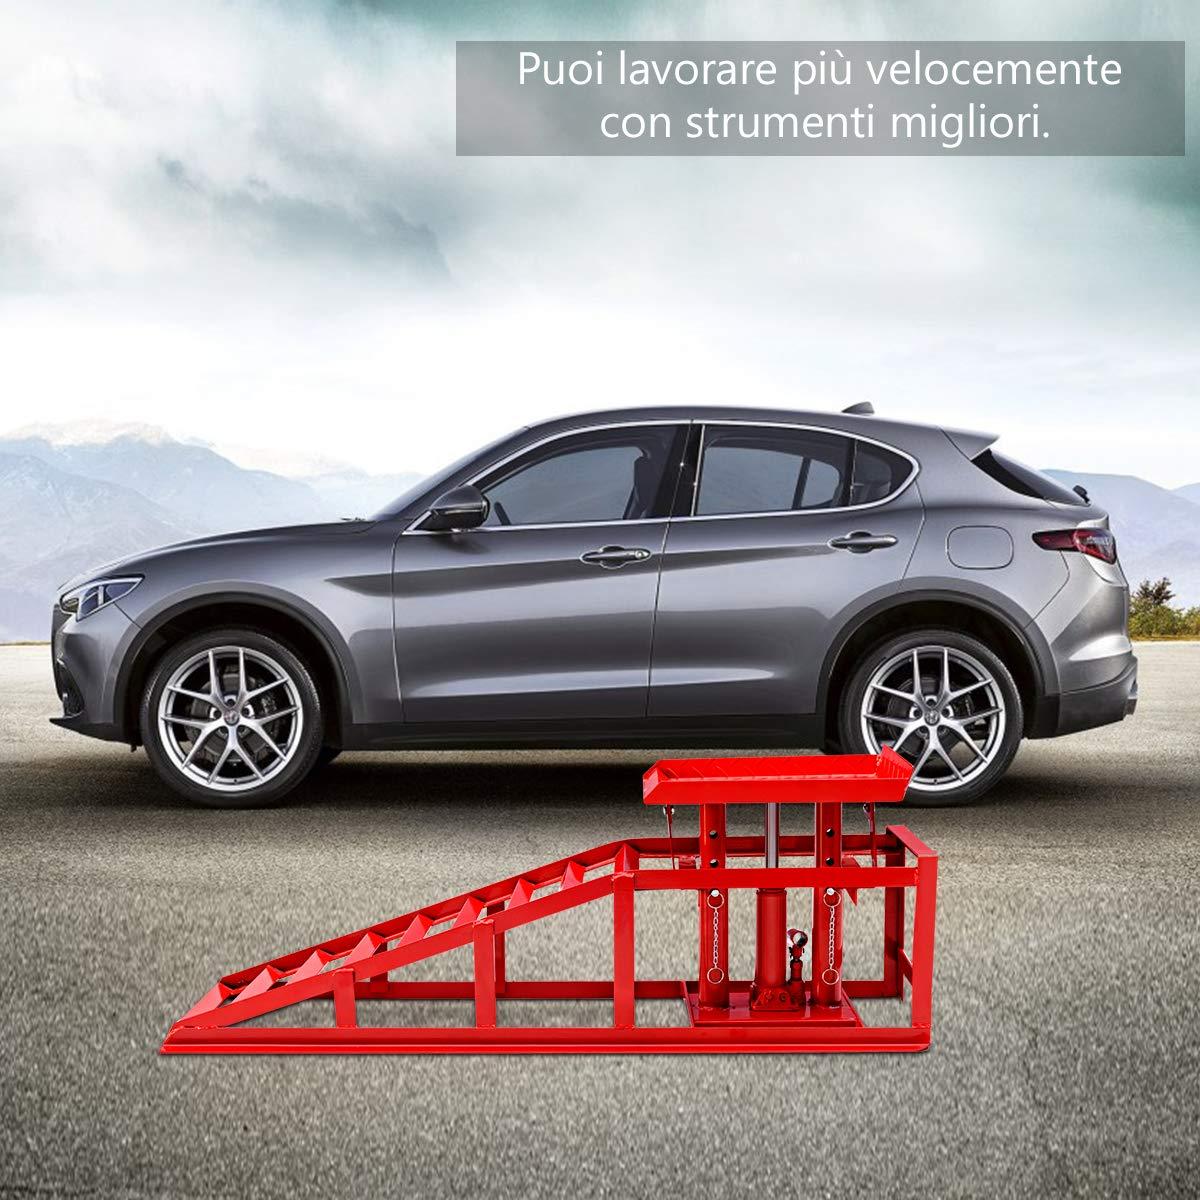 2 t Carico Max COSTWAY Rampa di Sollevamento per Auto con Martinetto Idraulico Regolabile in Altezza Rosso